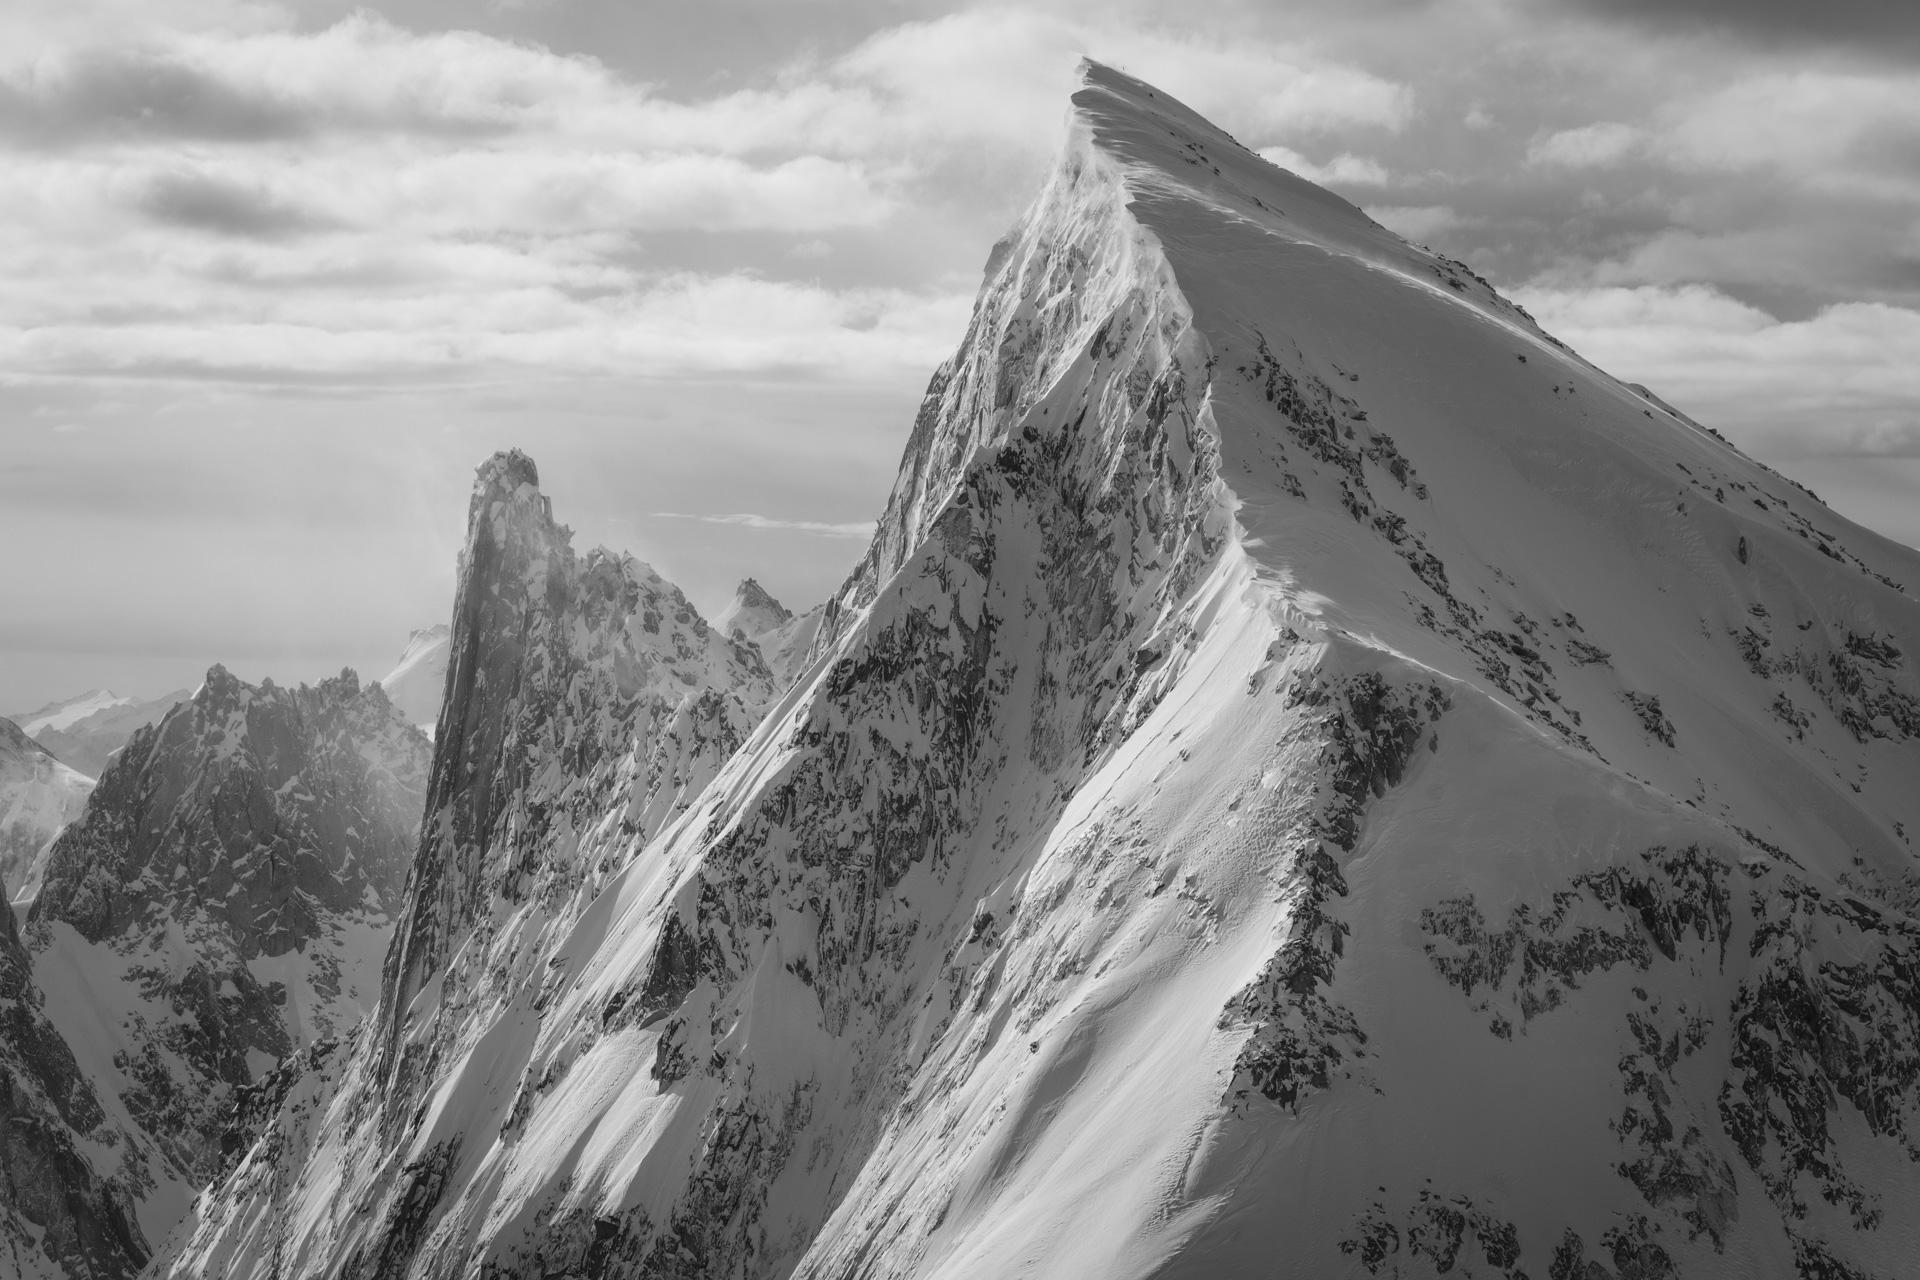 Image Pizzo Cengalo - Vallée de l'Engadine Alpes Suisses